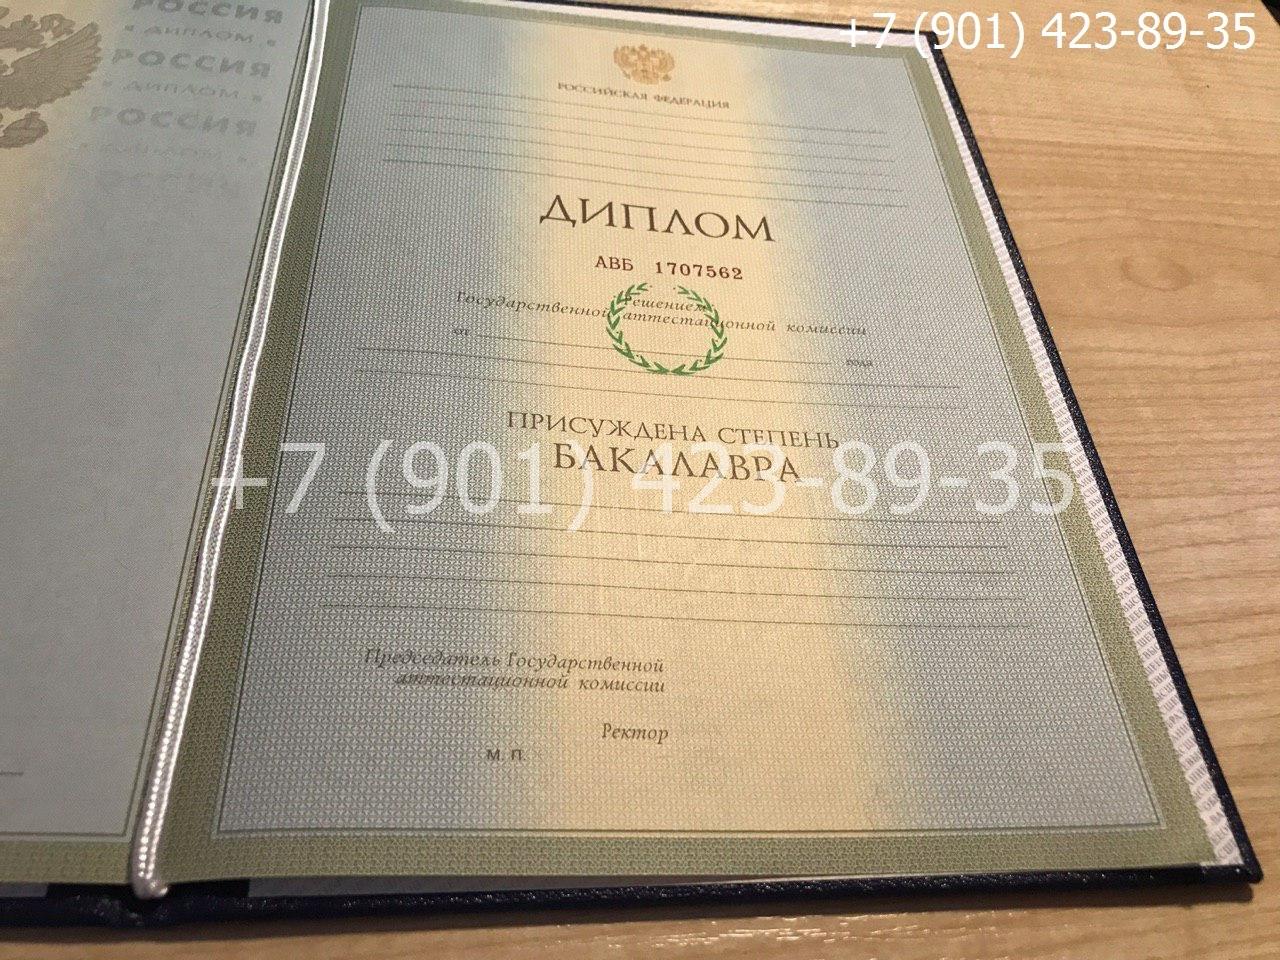 Диплом бакалавра 2004-2009 годов, старого образца, титульный лист